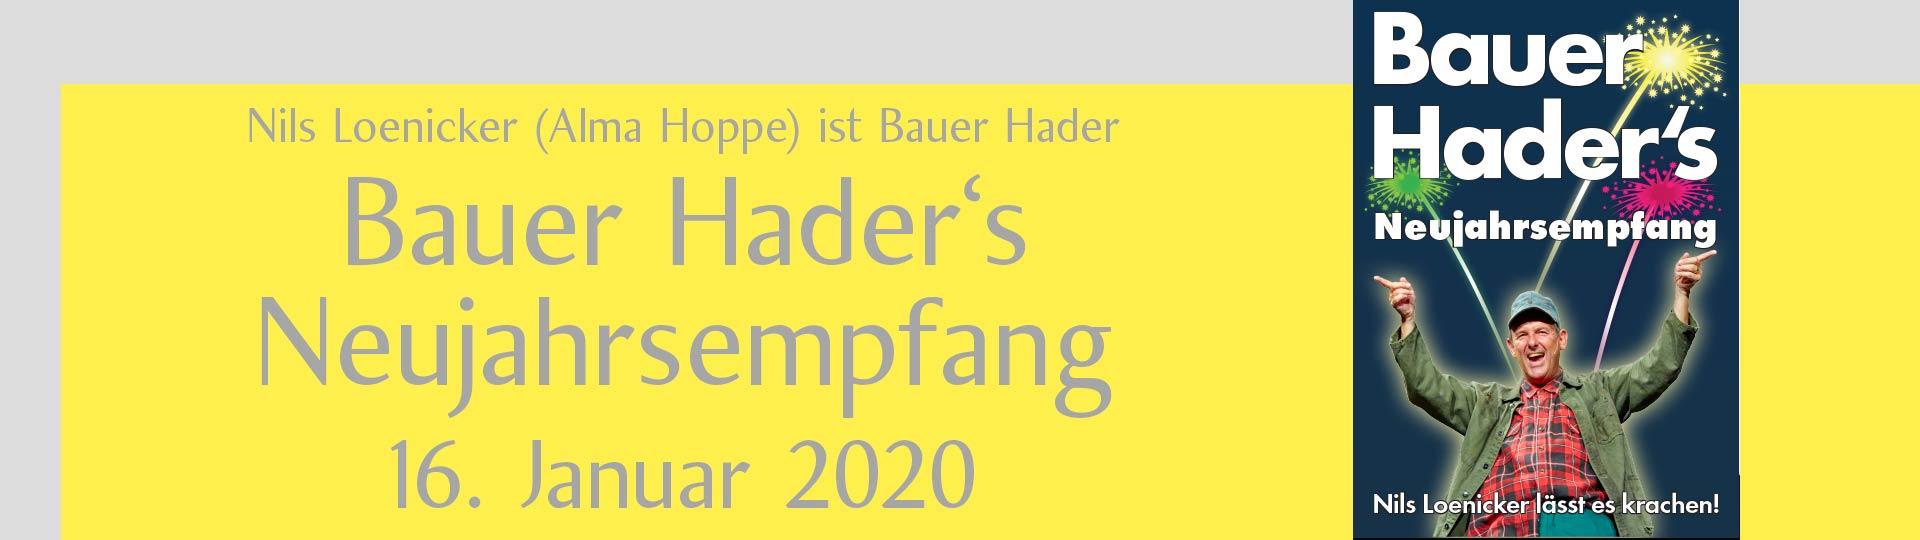 """Nils Loenicker als Bauer Hader – """"Bauer Hader's Neujahrsempfang"""""""